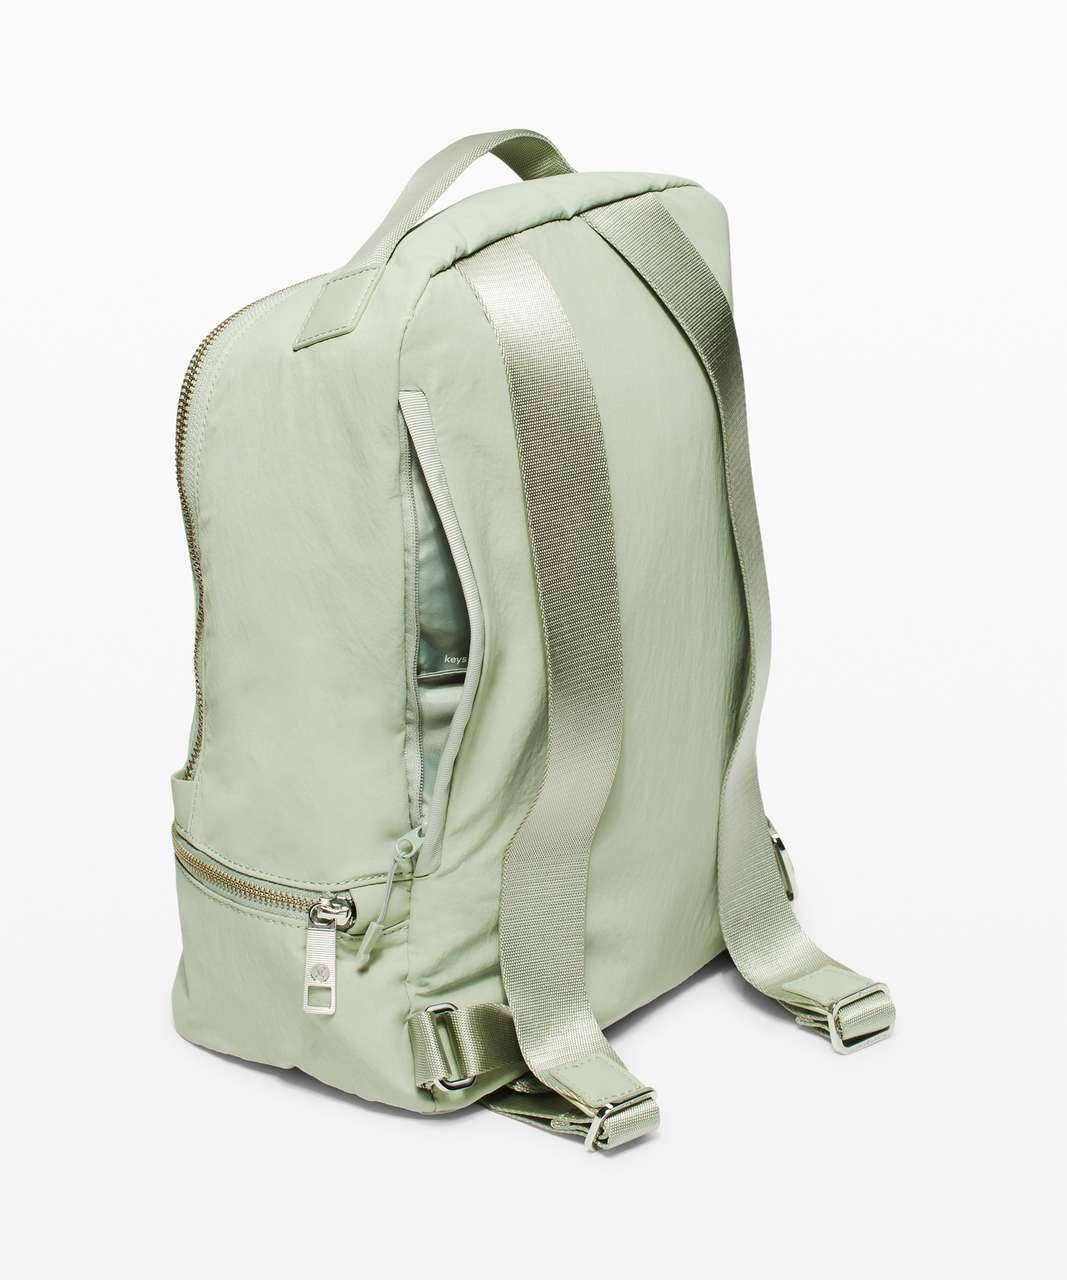 Lululemon City Adventurer Backpack Mini 10L - Green Fern